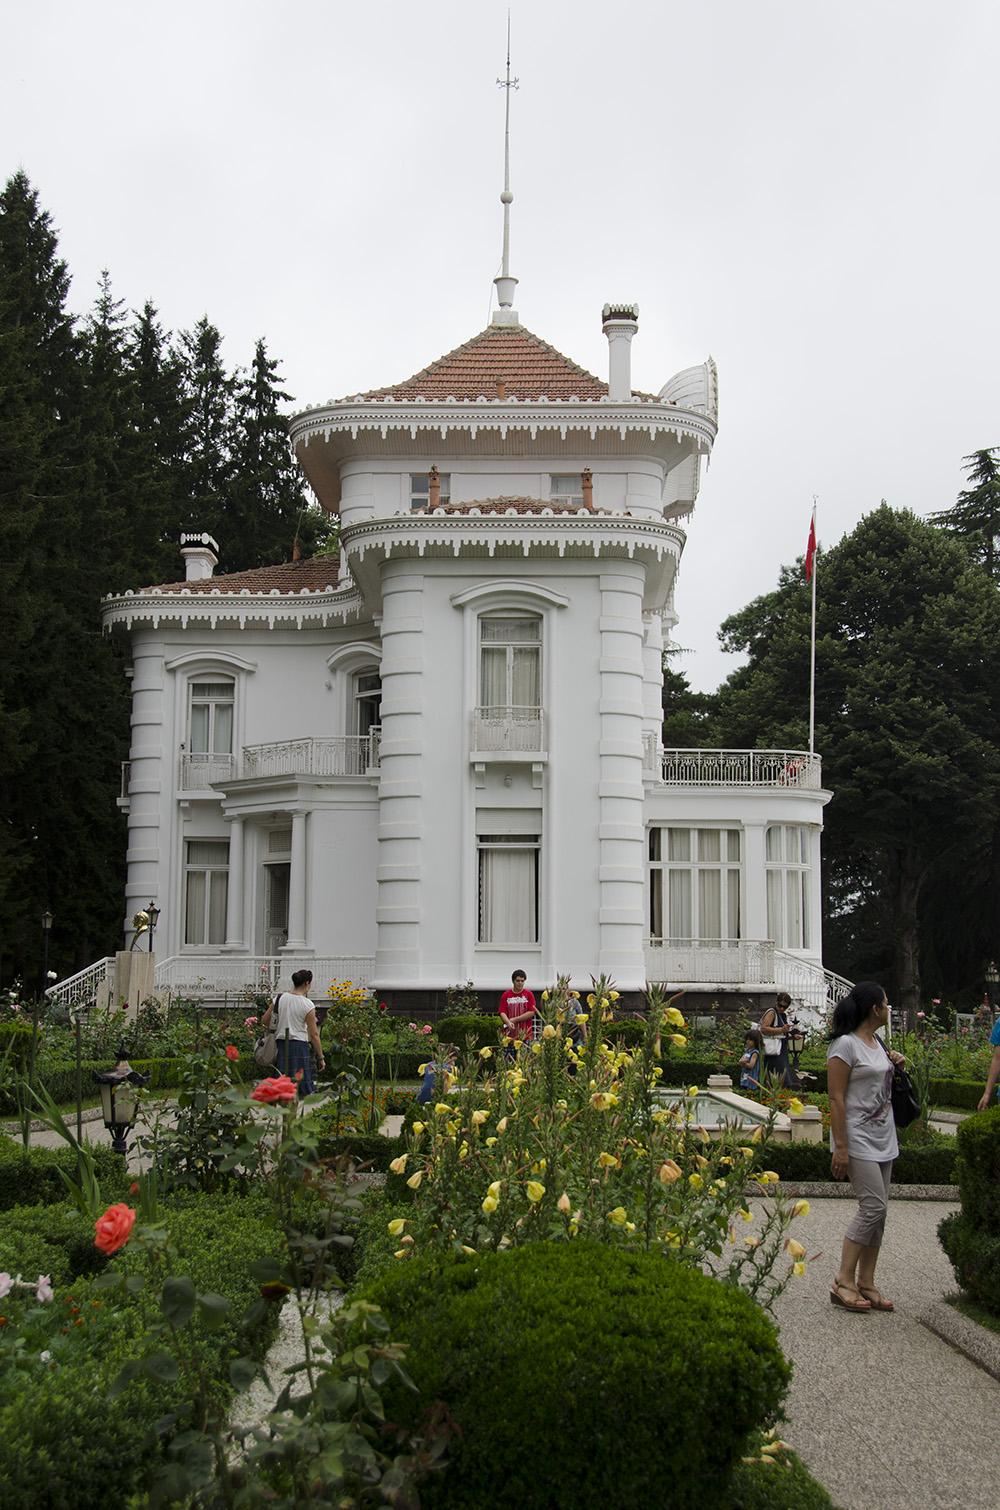 Ataturk Pavillion Trabzon, Atatürk Museum, Ataturk kiosk ...